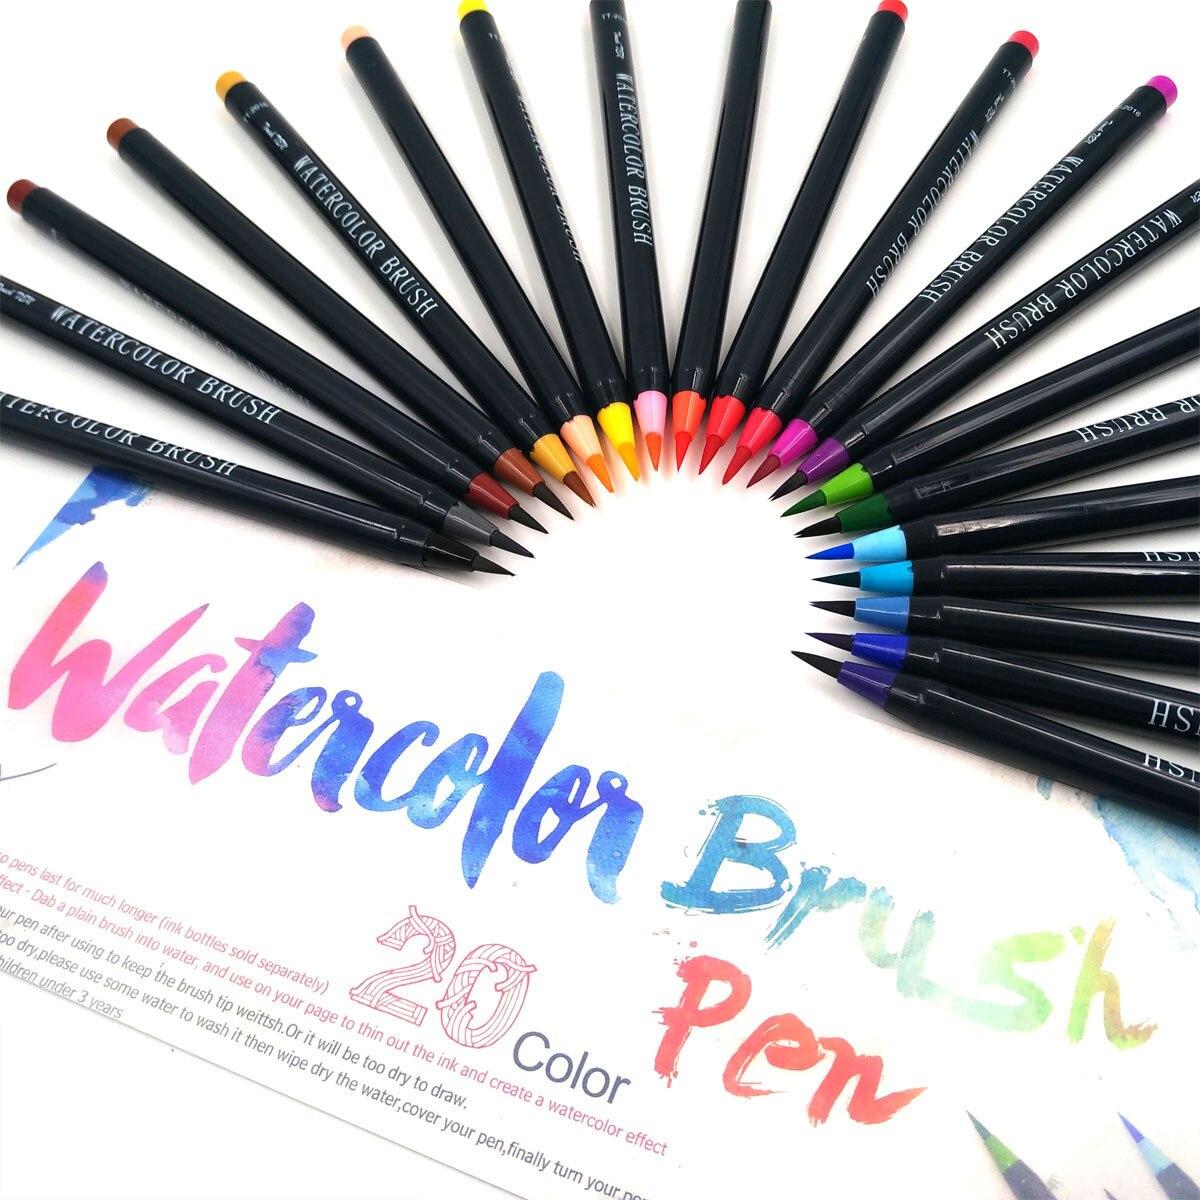 Migliore Marca Pittura Per Esterni nuovo 20 colori premium pittura spazzola morbida penna set